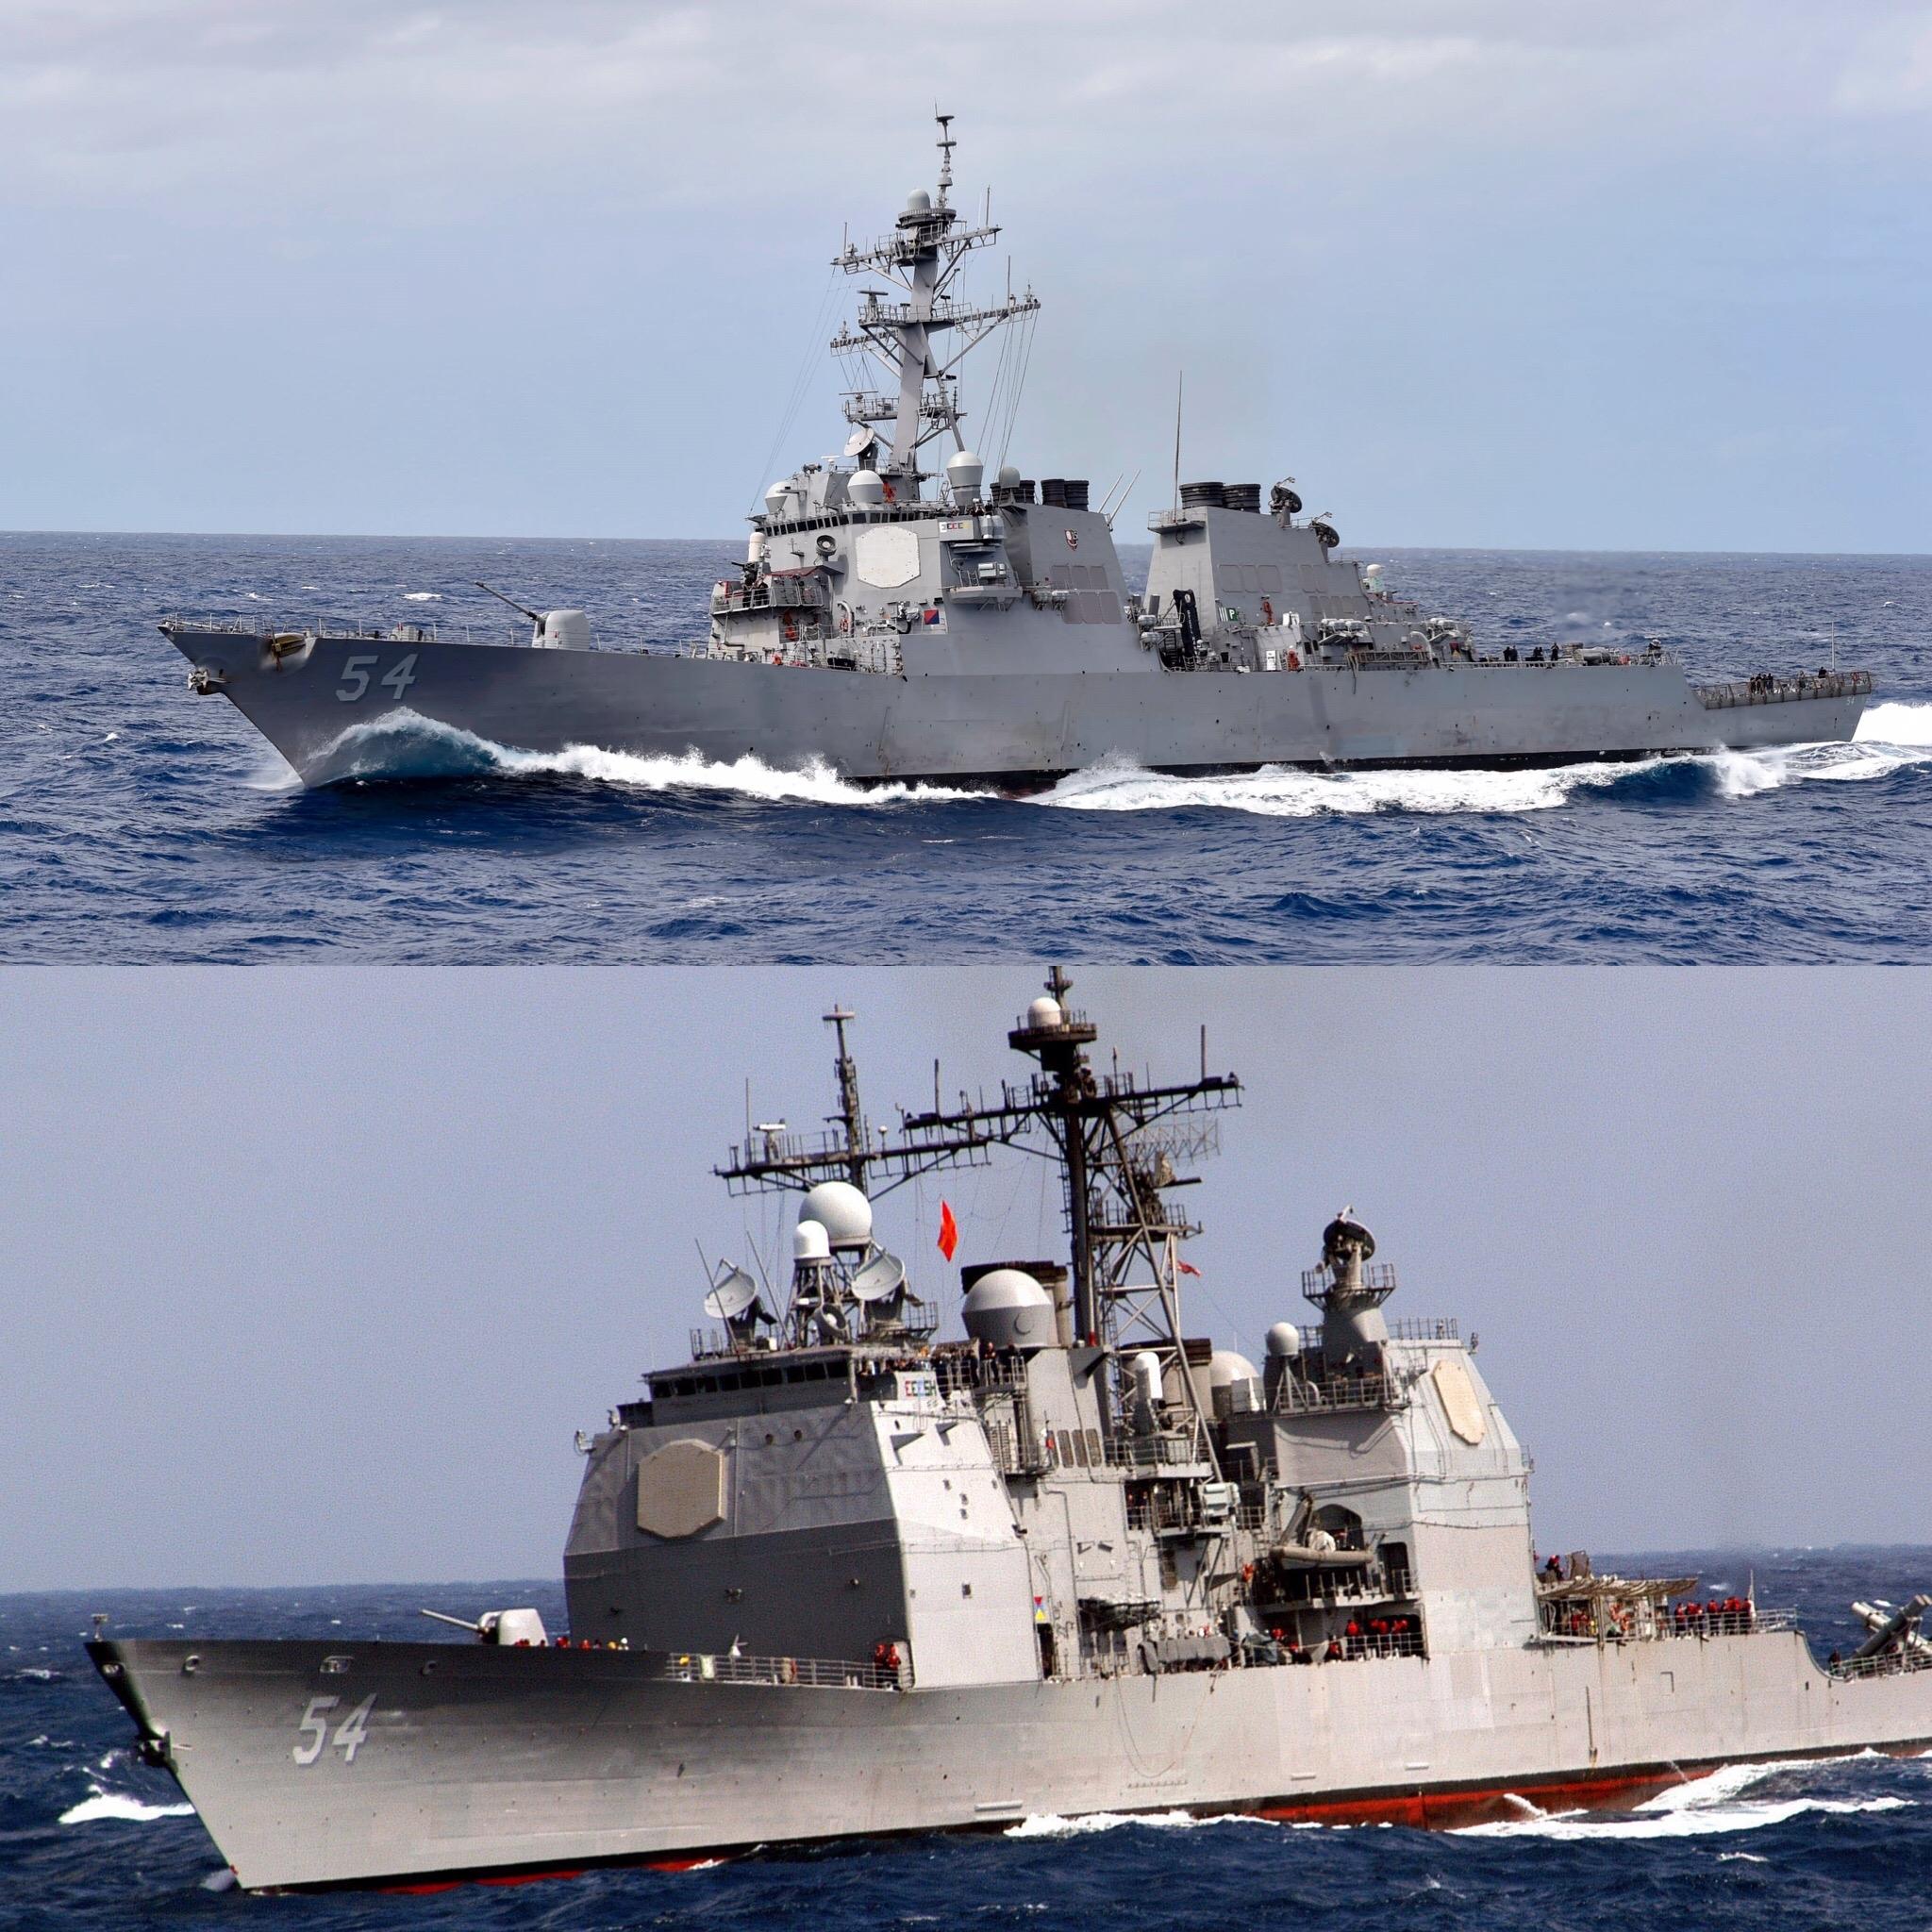 美海军2艘军舰穿越台湾海峡,又打台湾牌